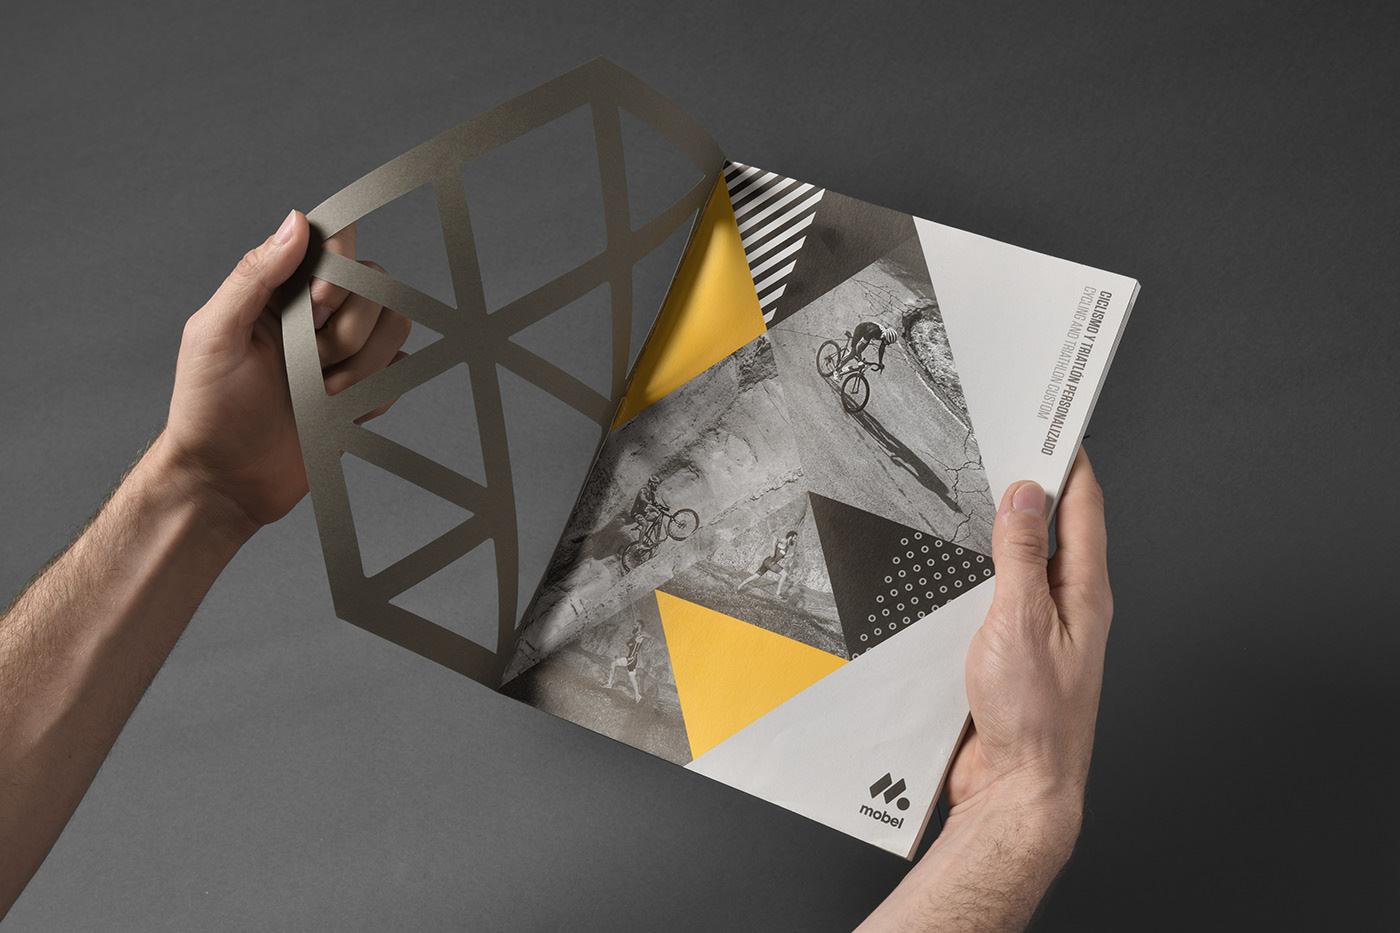 Геометрия и яркие акценты в каталоге для Mobel Sport